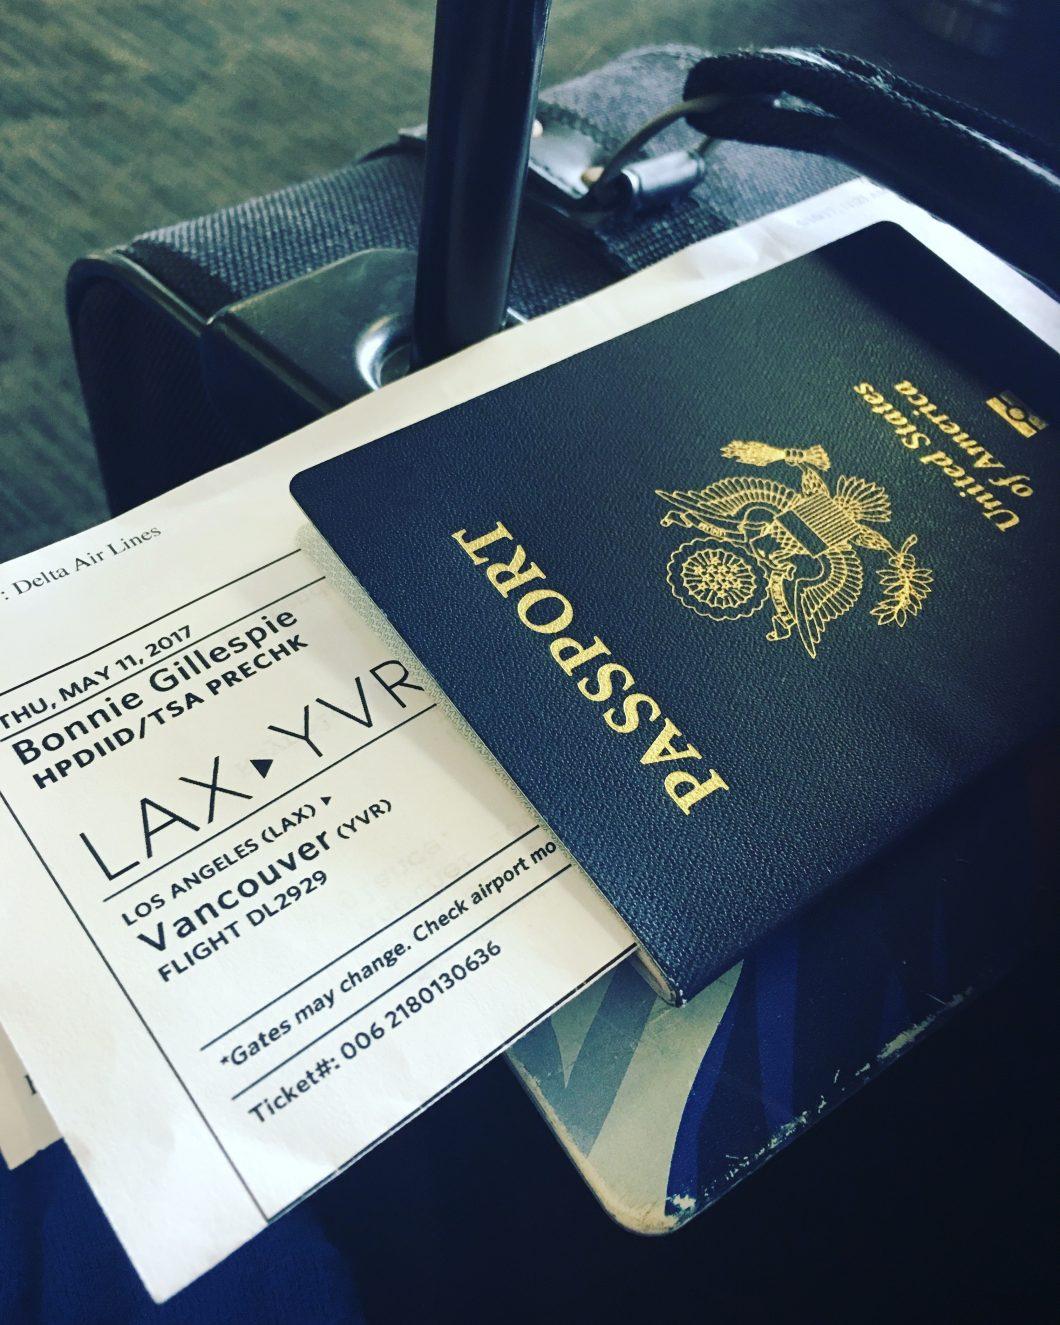 bonnie gillespie passport yvr